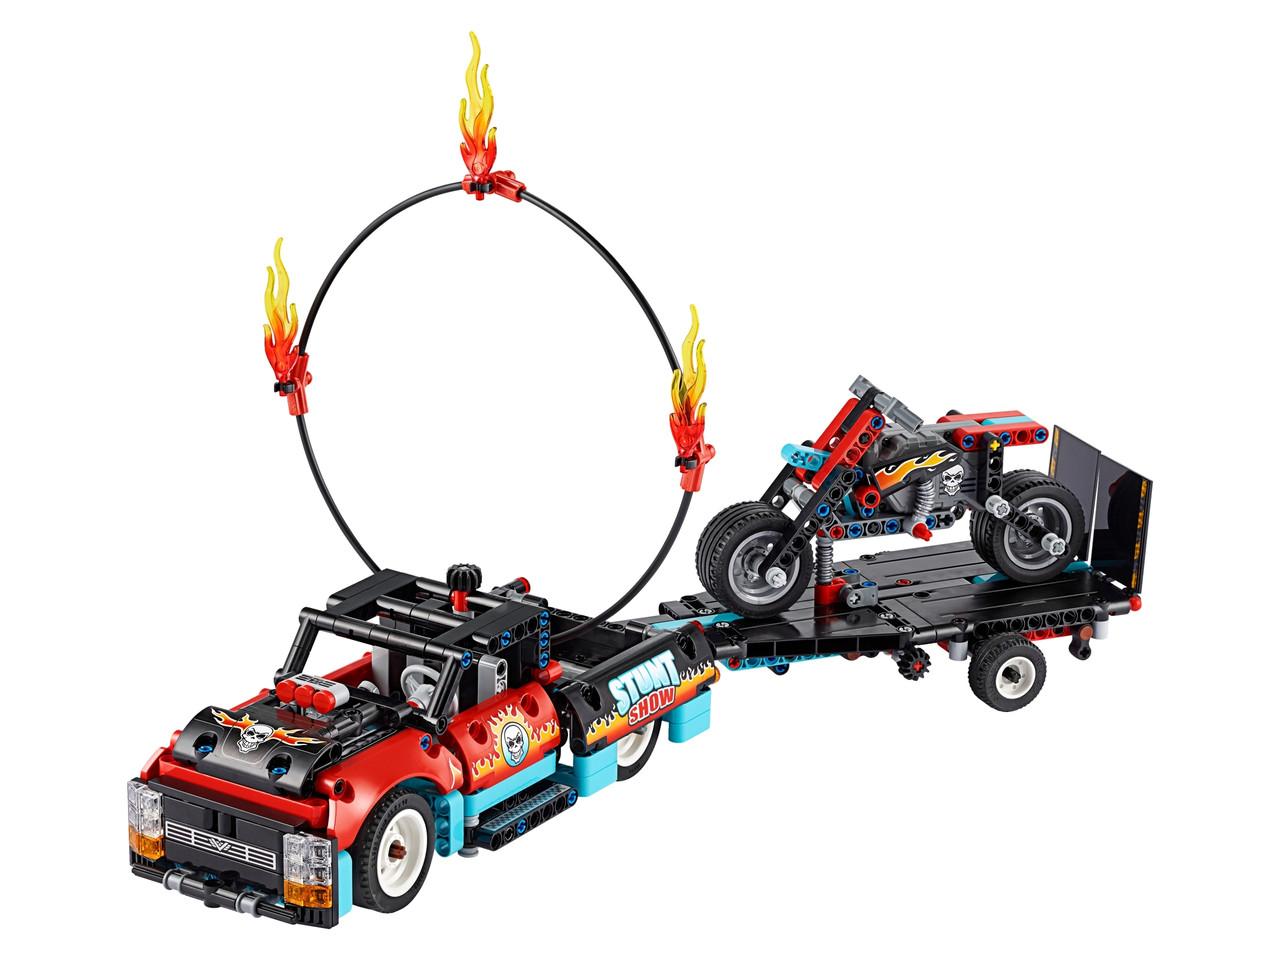 Конструктор LEGO Шоу трюков на грузовиках и мотоциклах 610 деталей (42106)